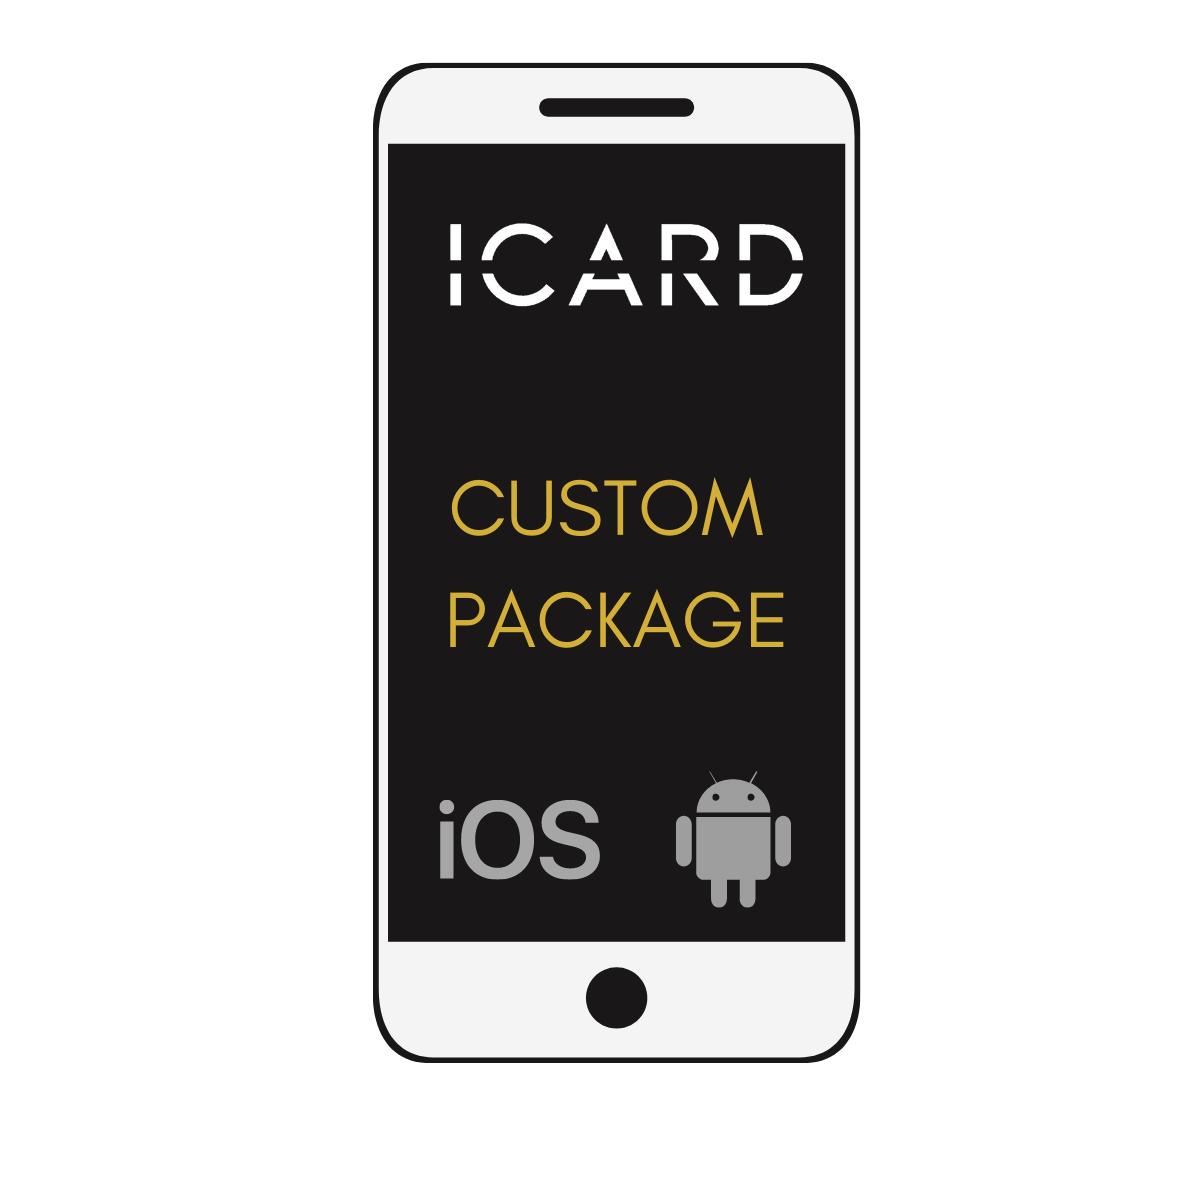 ICARD Custom package